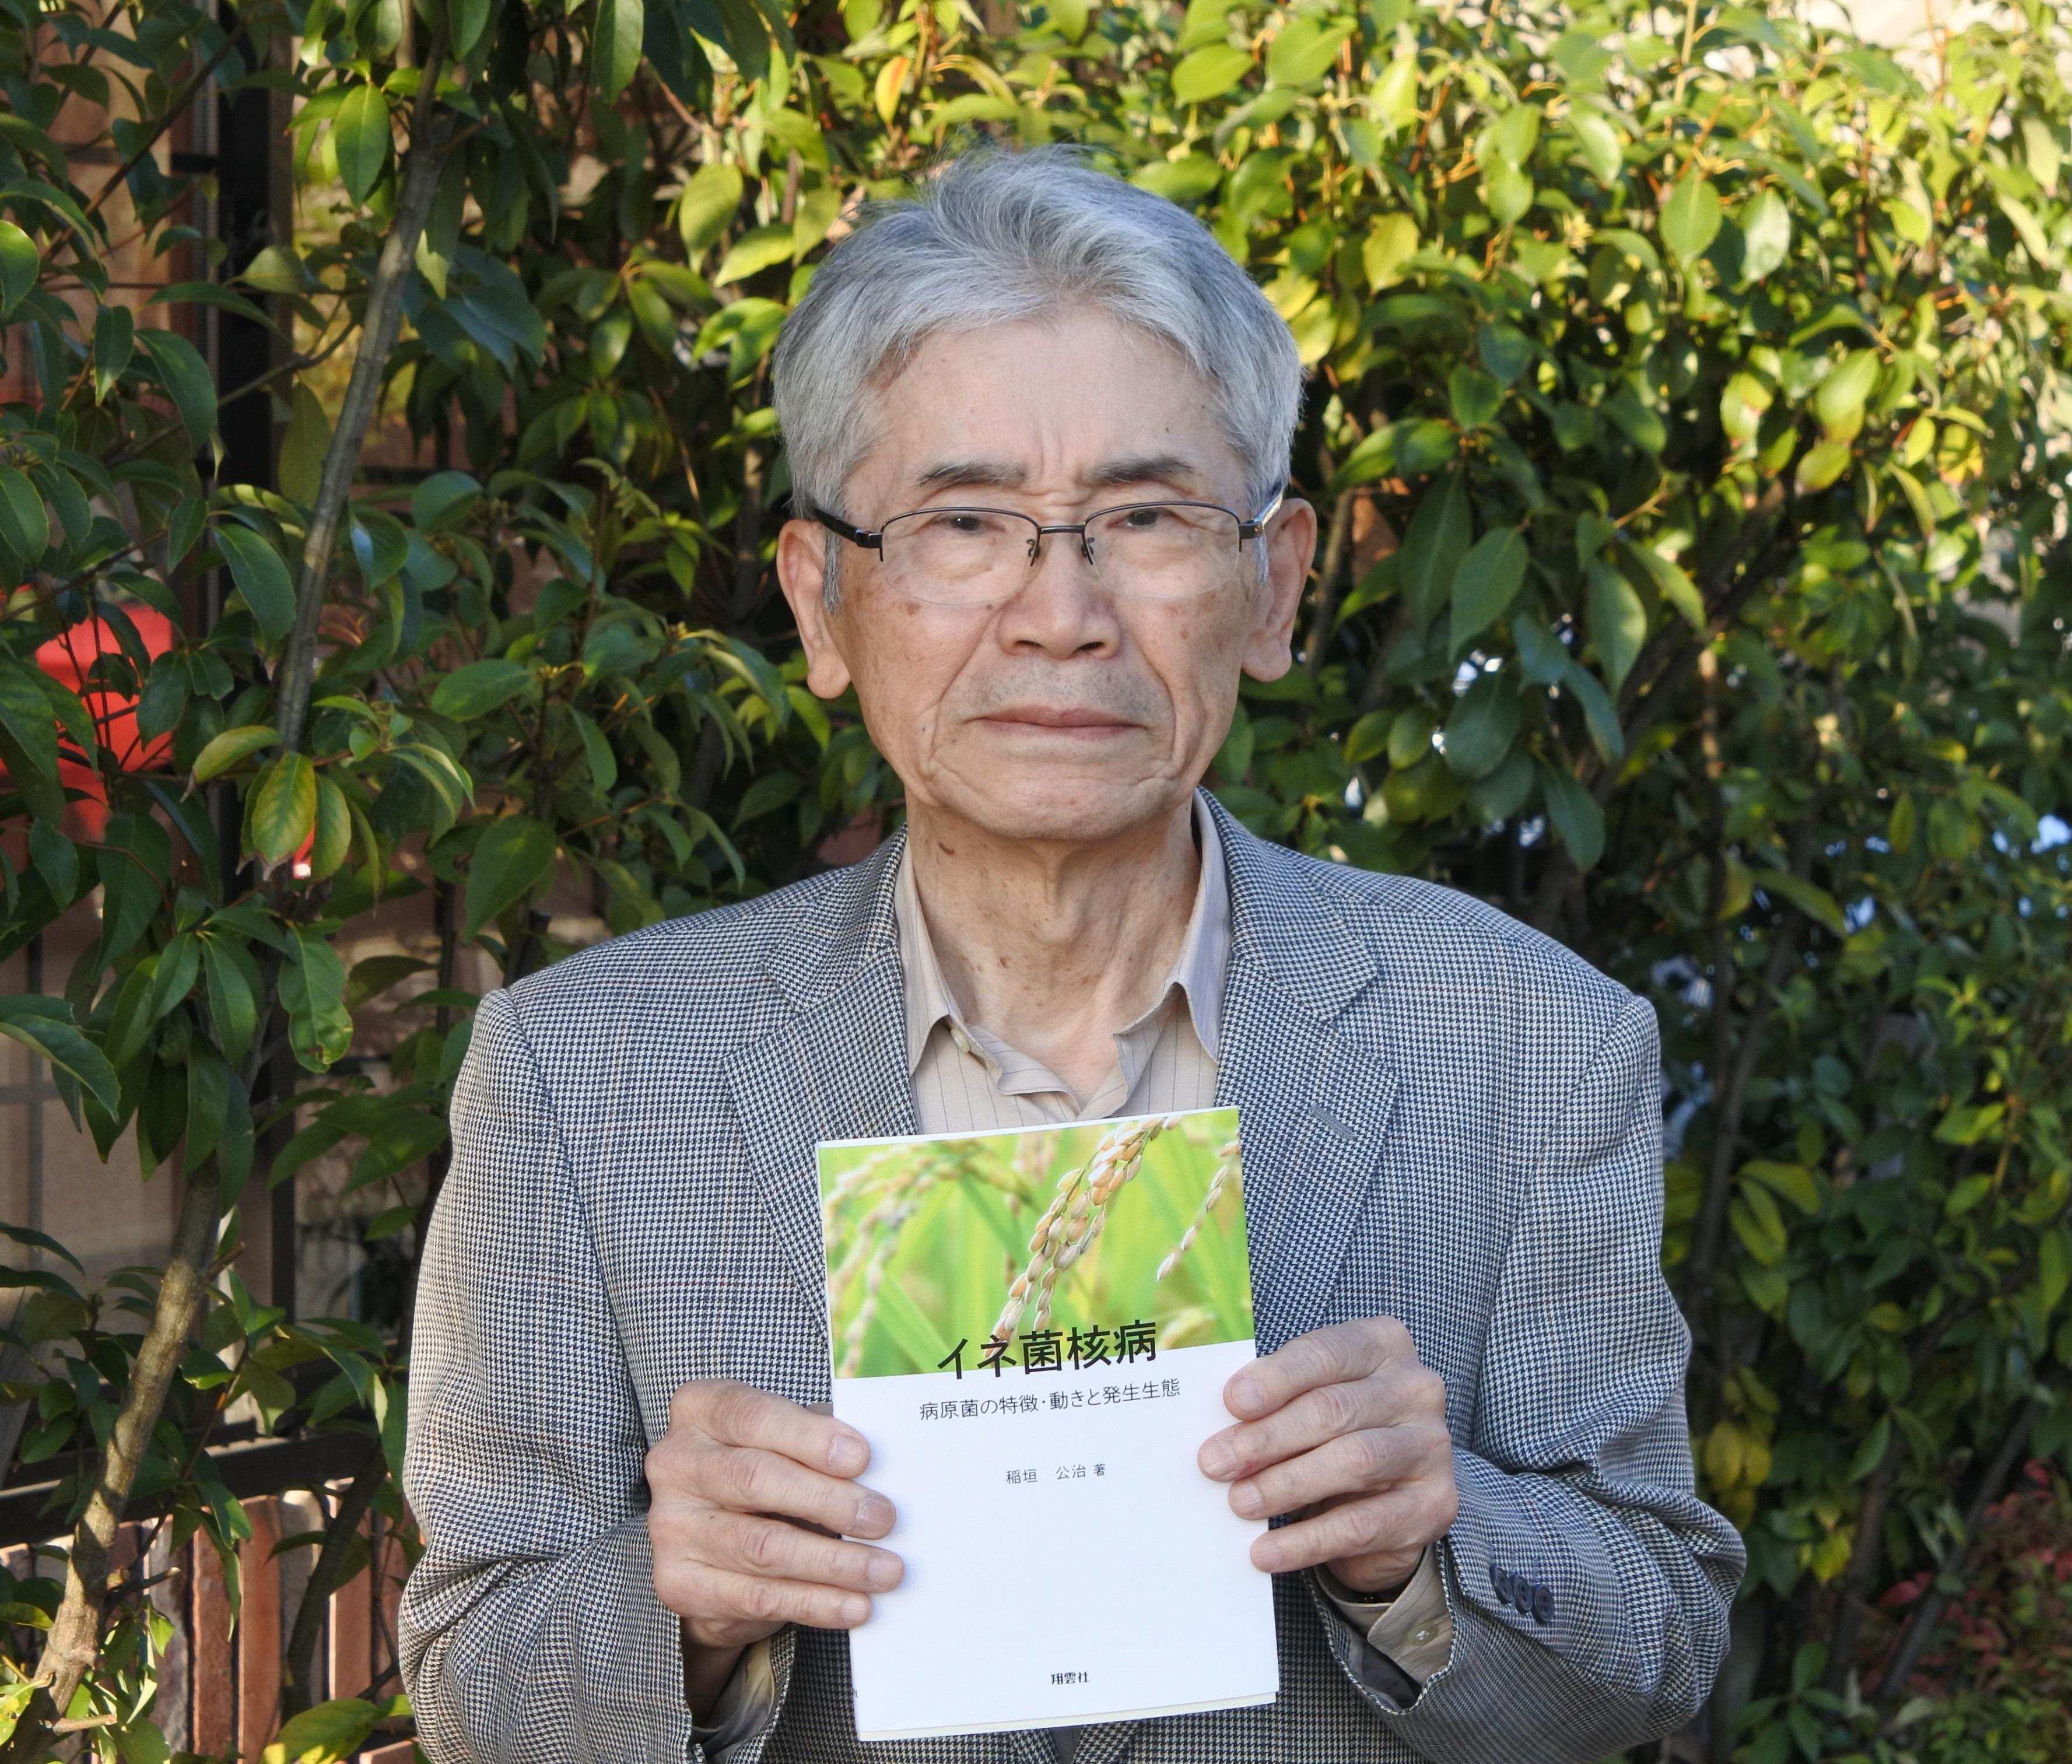 近著「イネ菌核病 病原菌の特徴・動きと発生生態」を手にする稲垣公治名誉教授